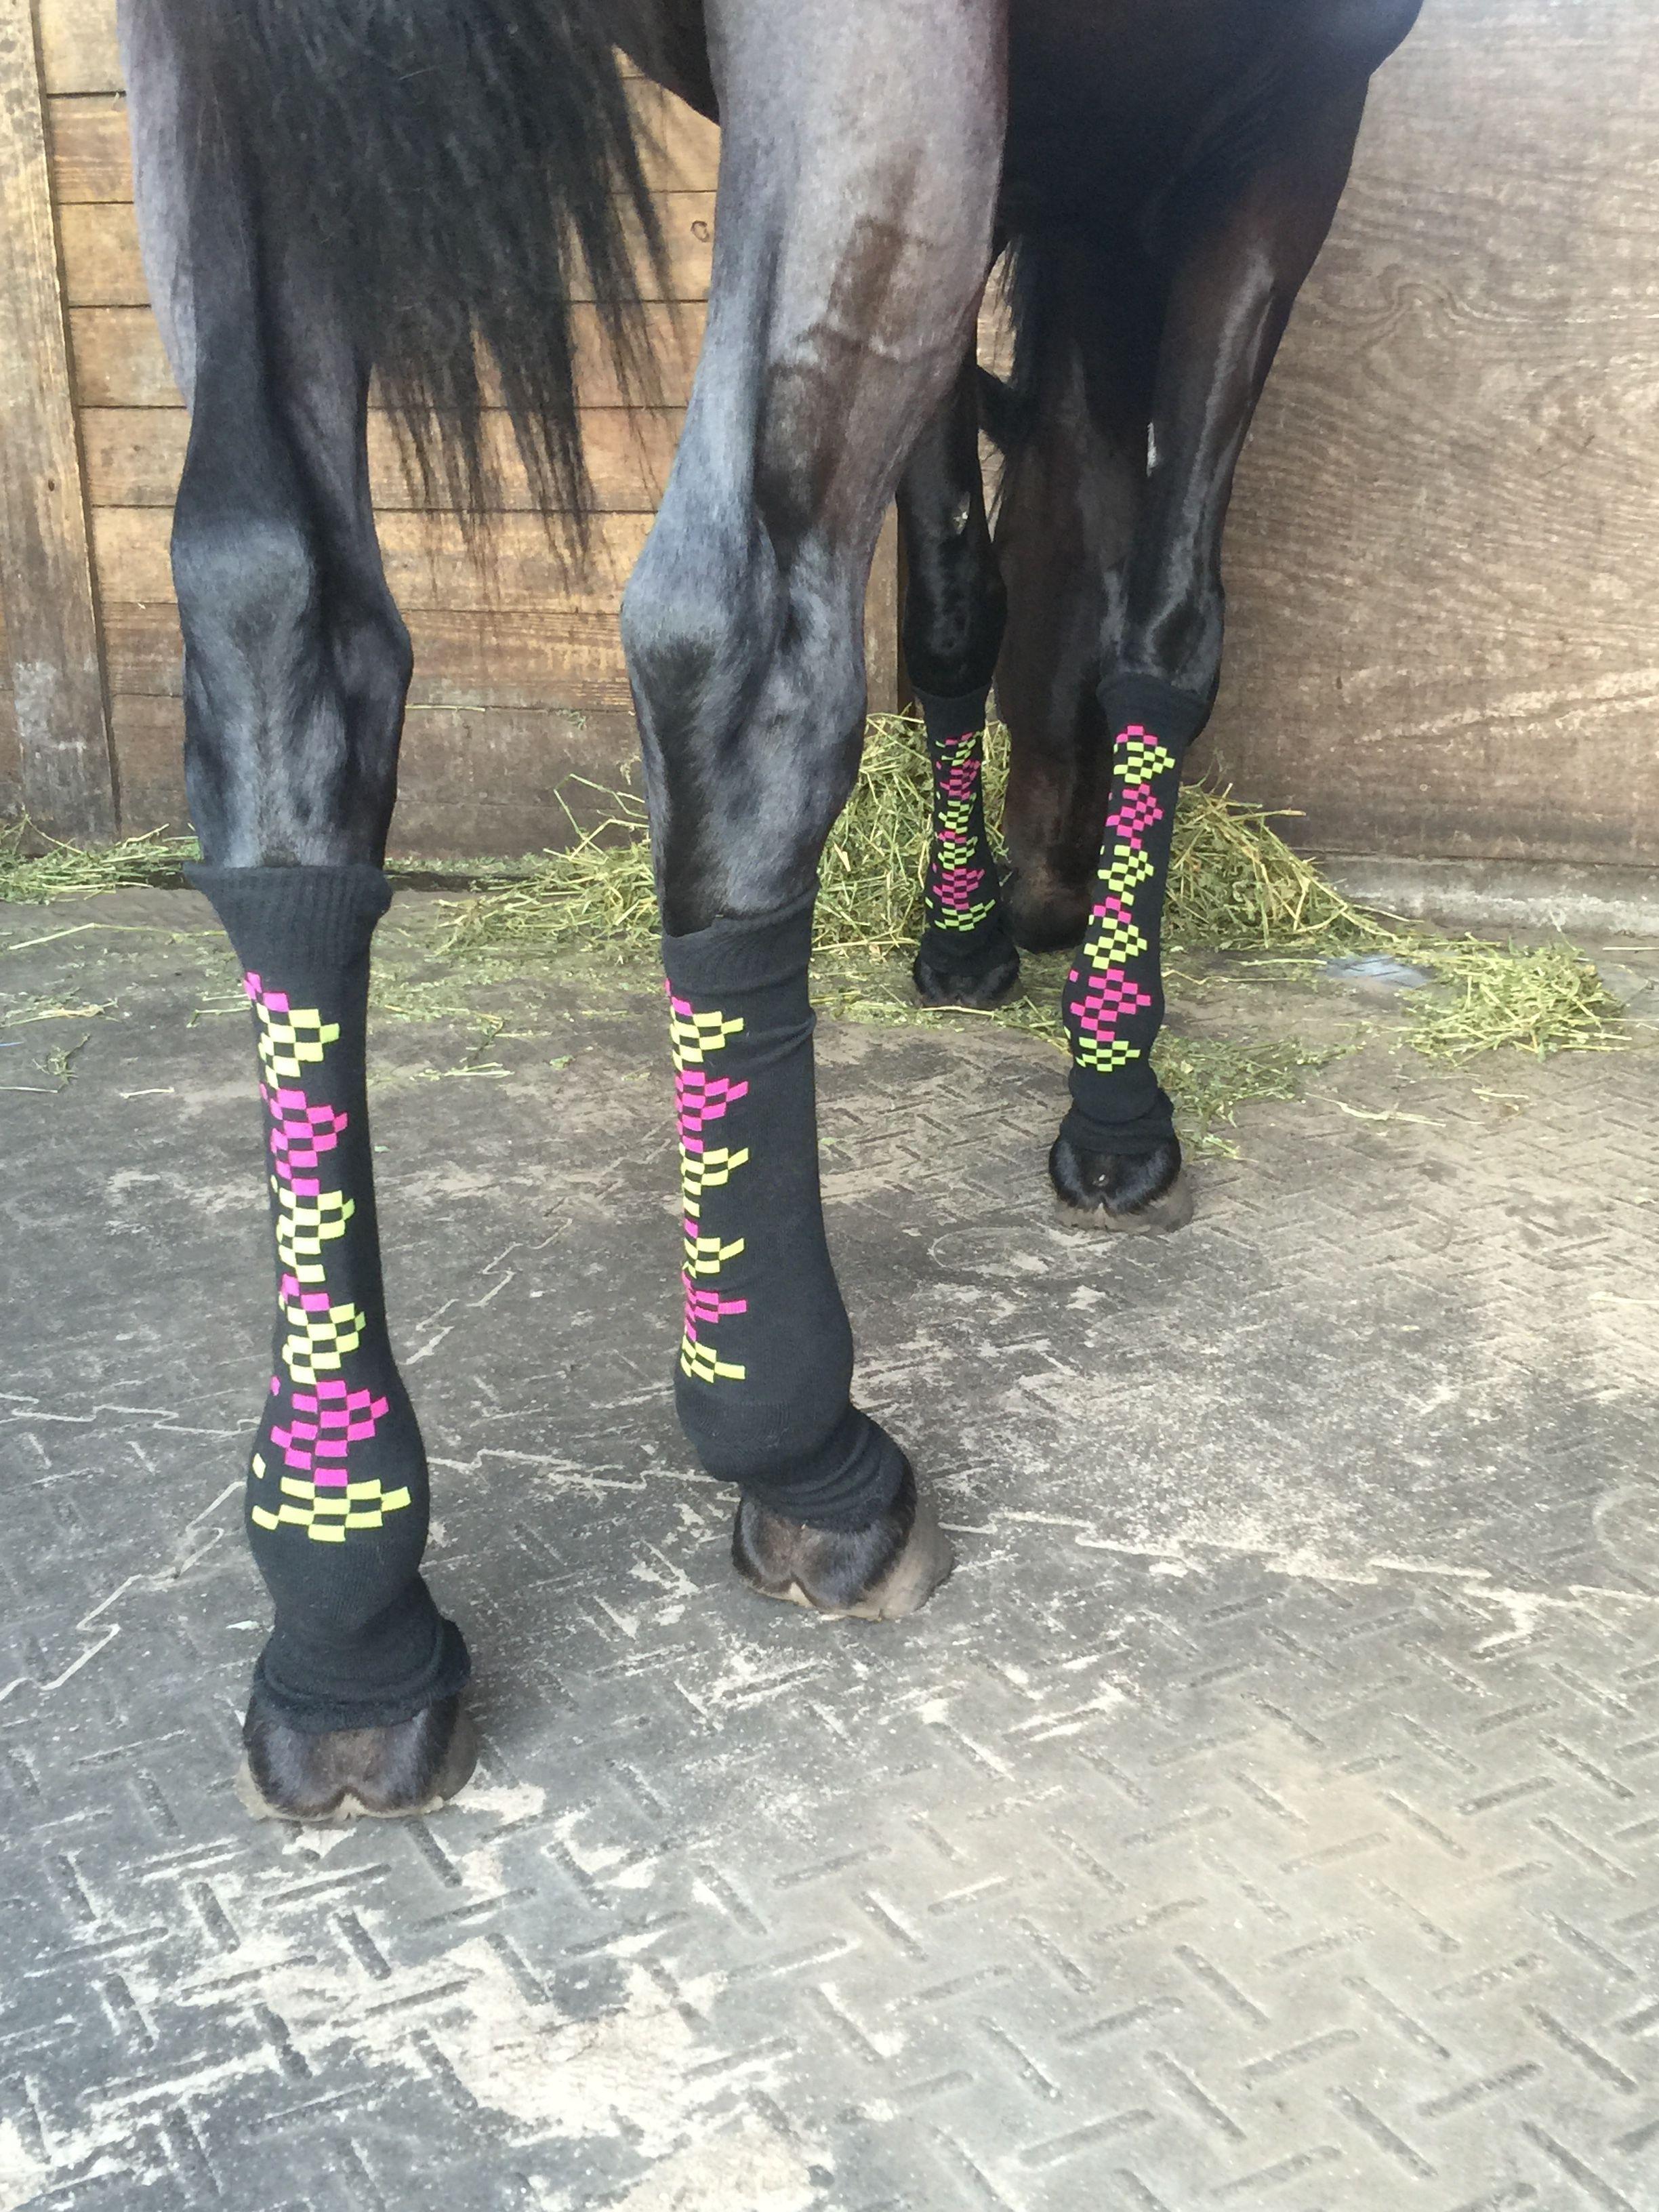 Grandes Chaussettes enfilées sur les membres d'un cheval marron